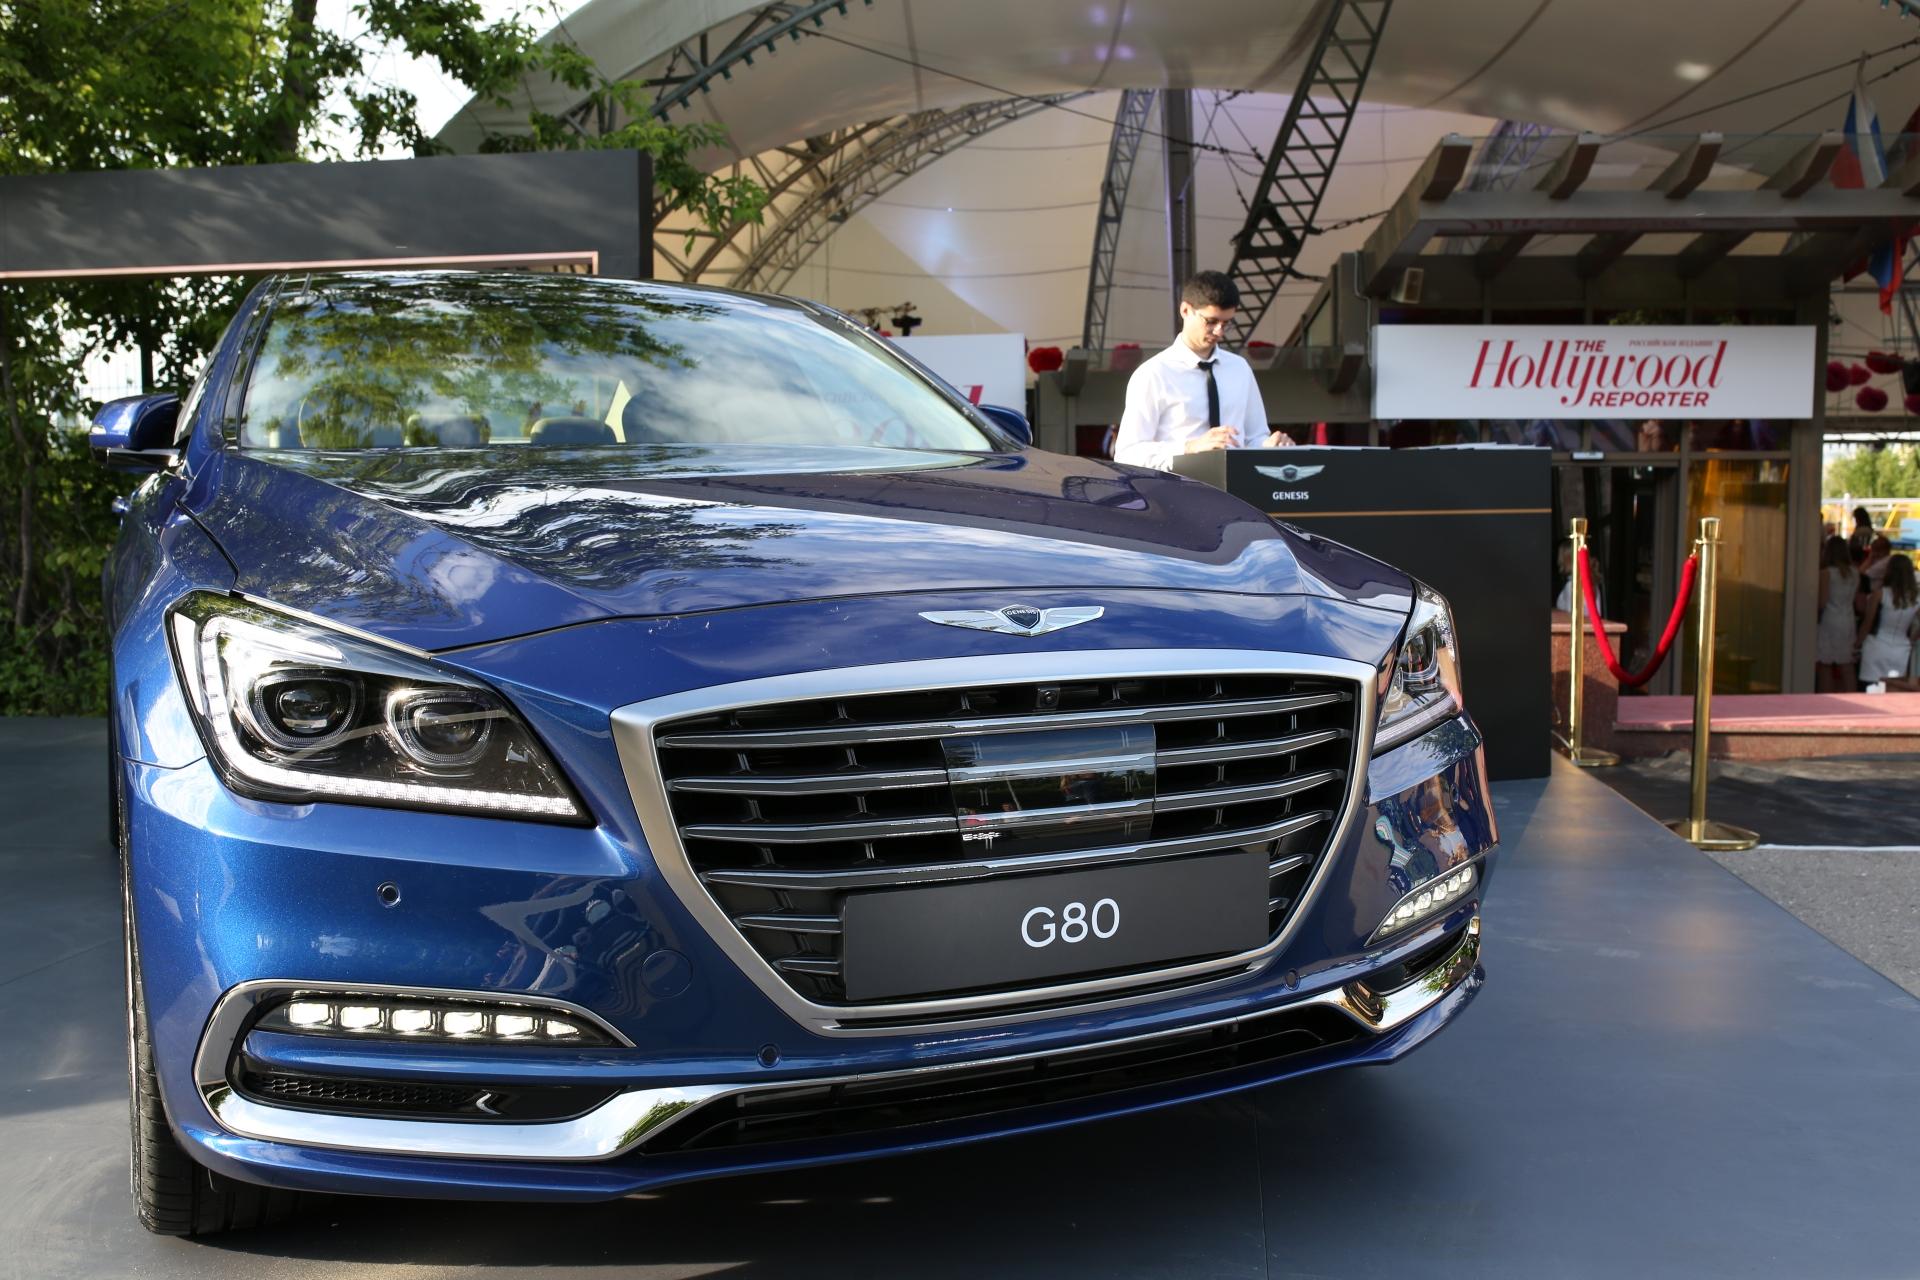 Фото бренд genesis выступил официальным автомобильным партнером вечеринки white party журнала the hollywood reporter